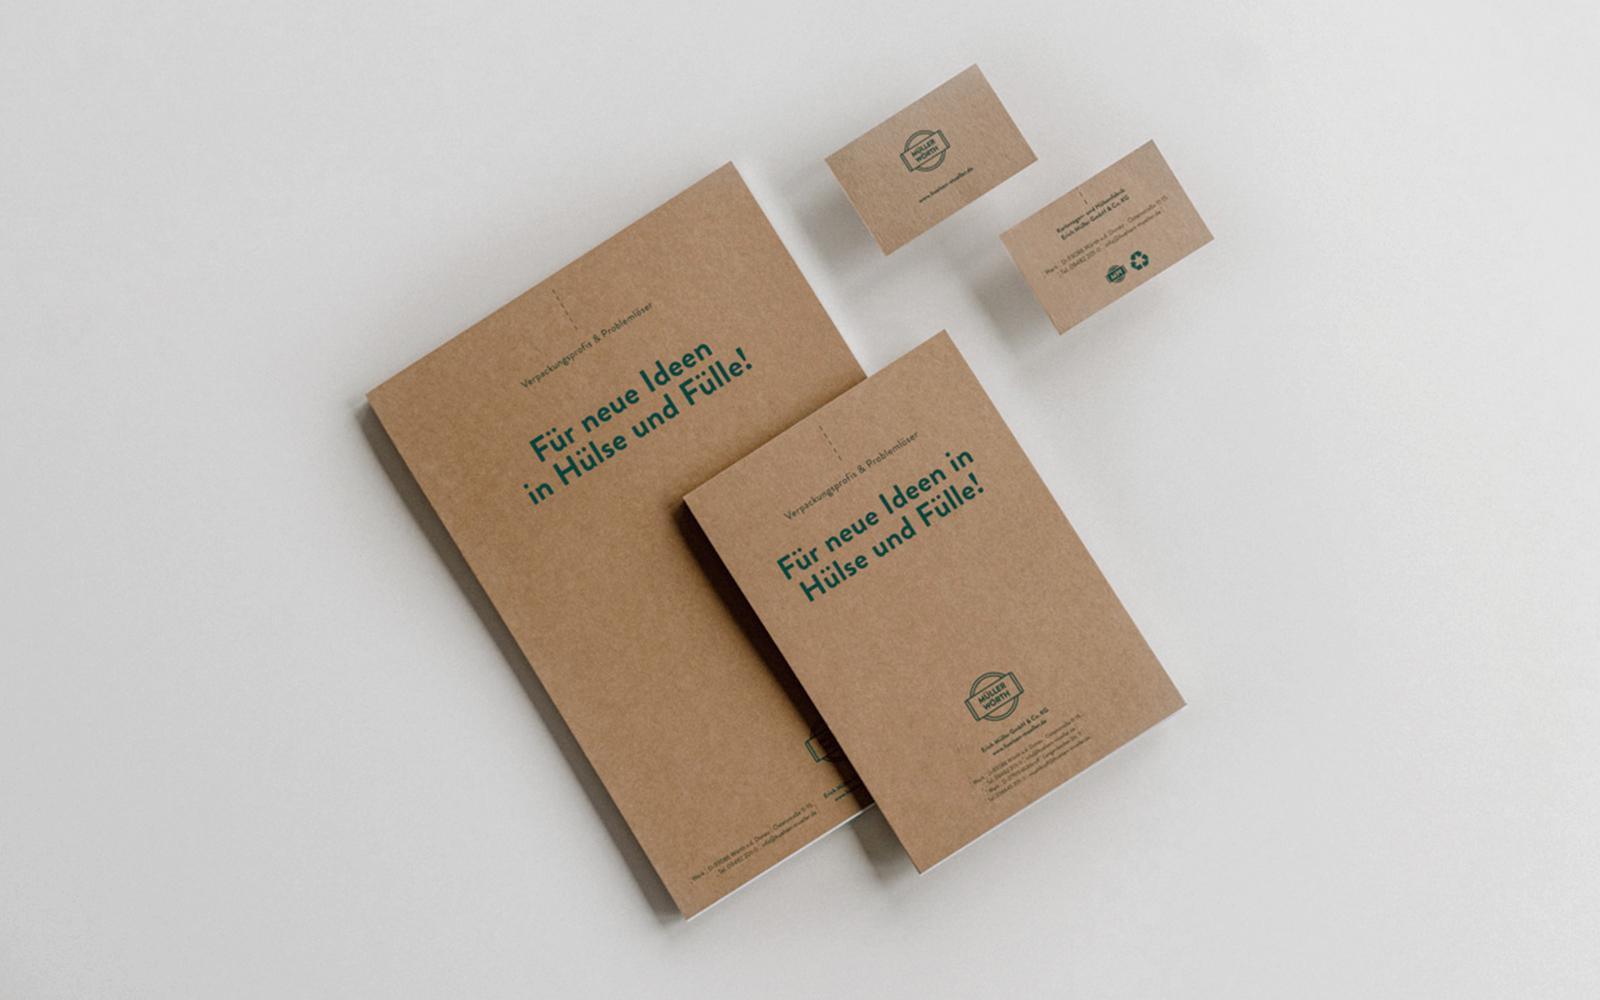 Müller Kartonagen- und Hülsenfabrik – Notizblöcke, Visitenkarten